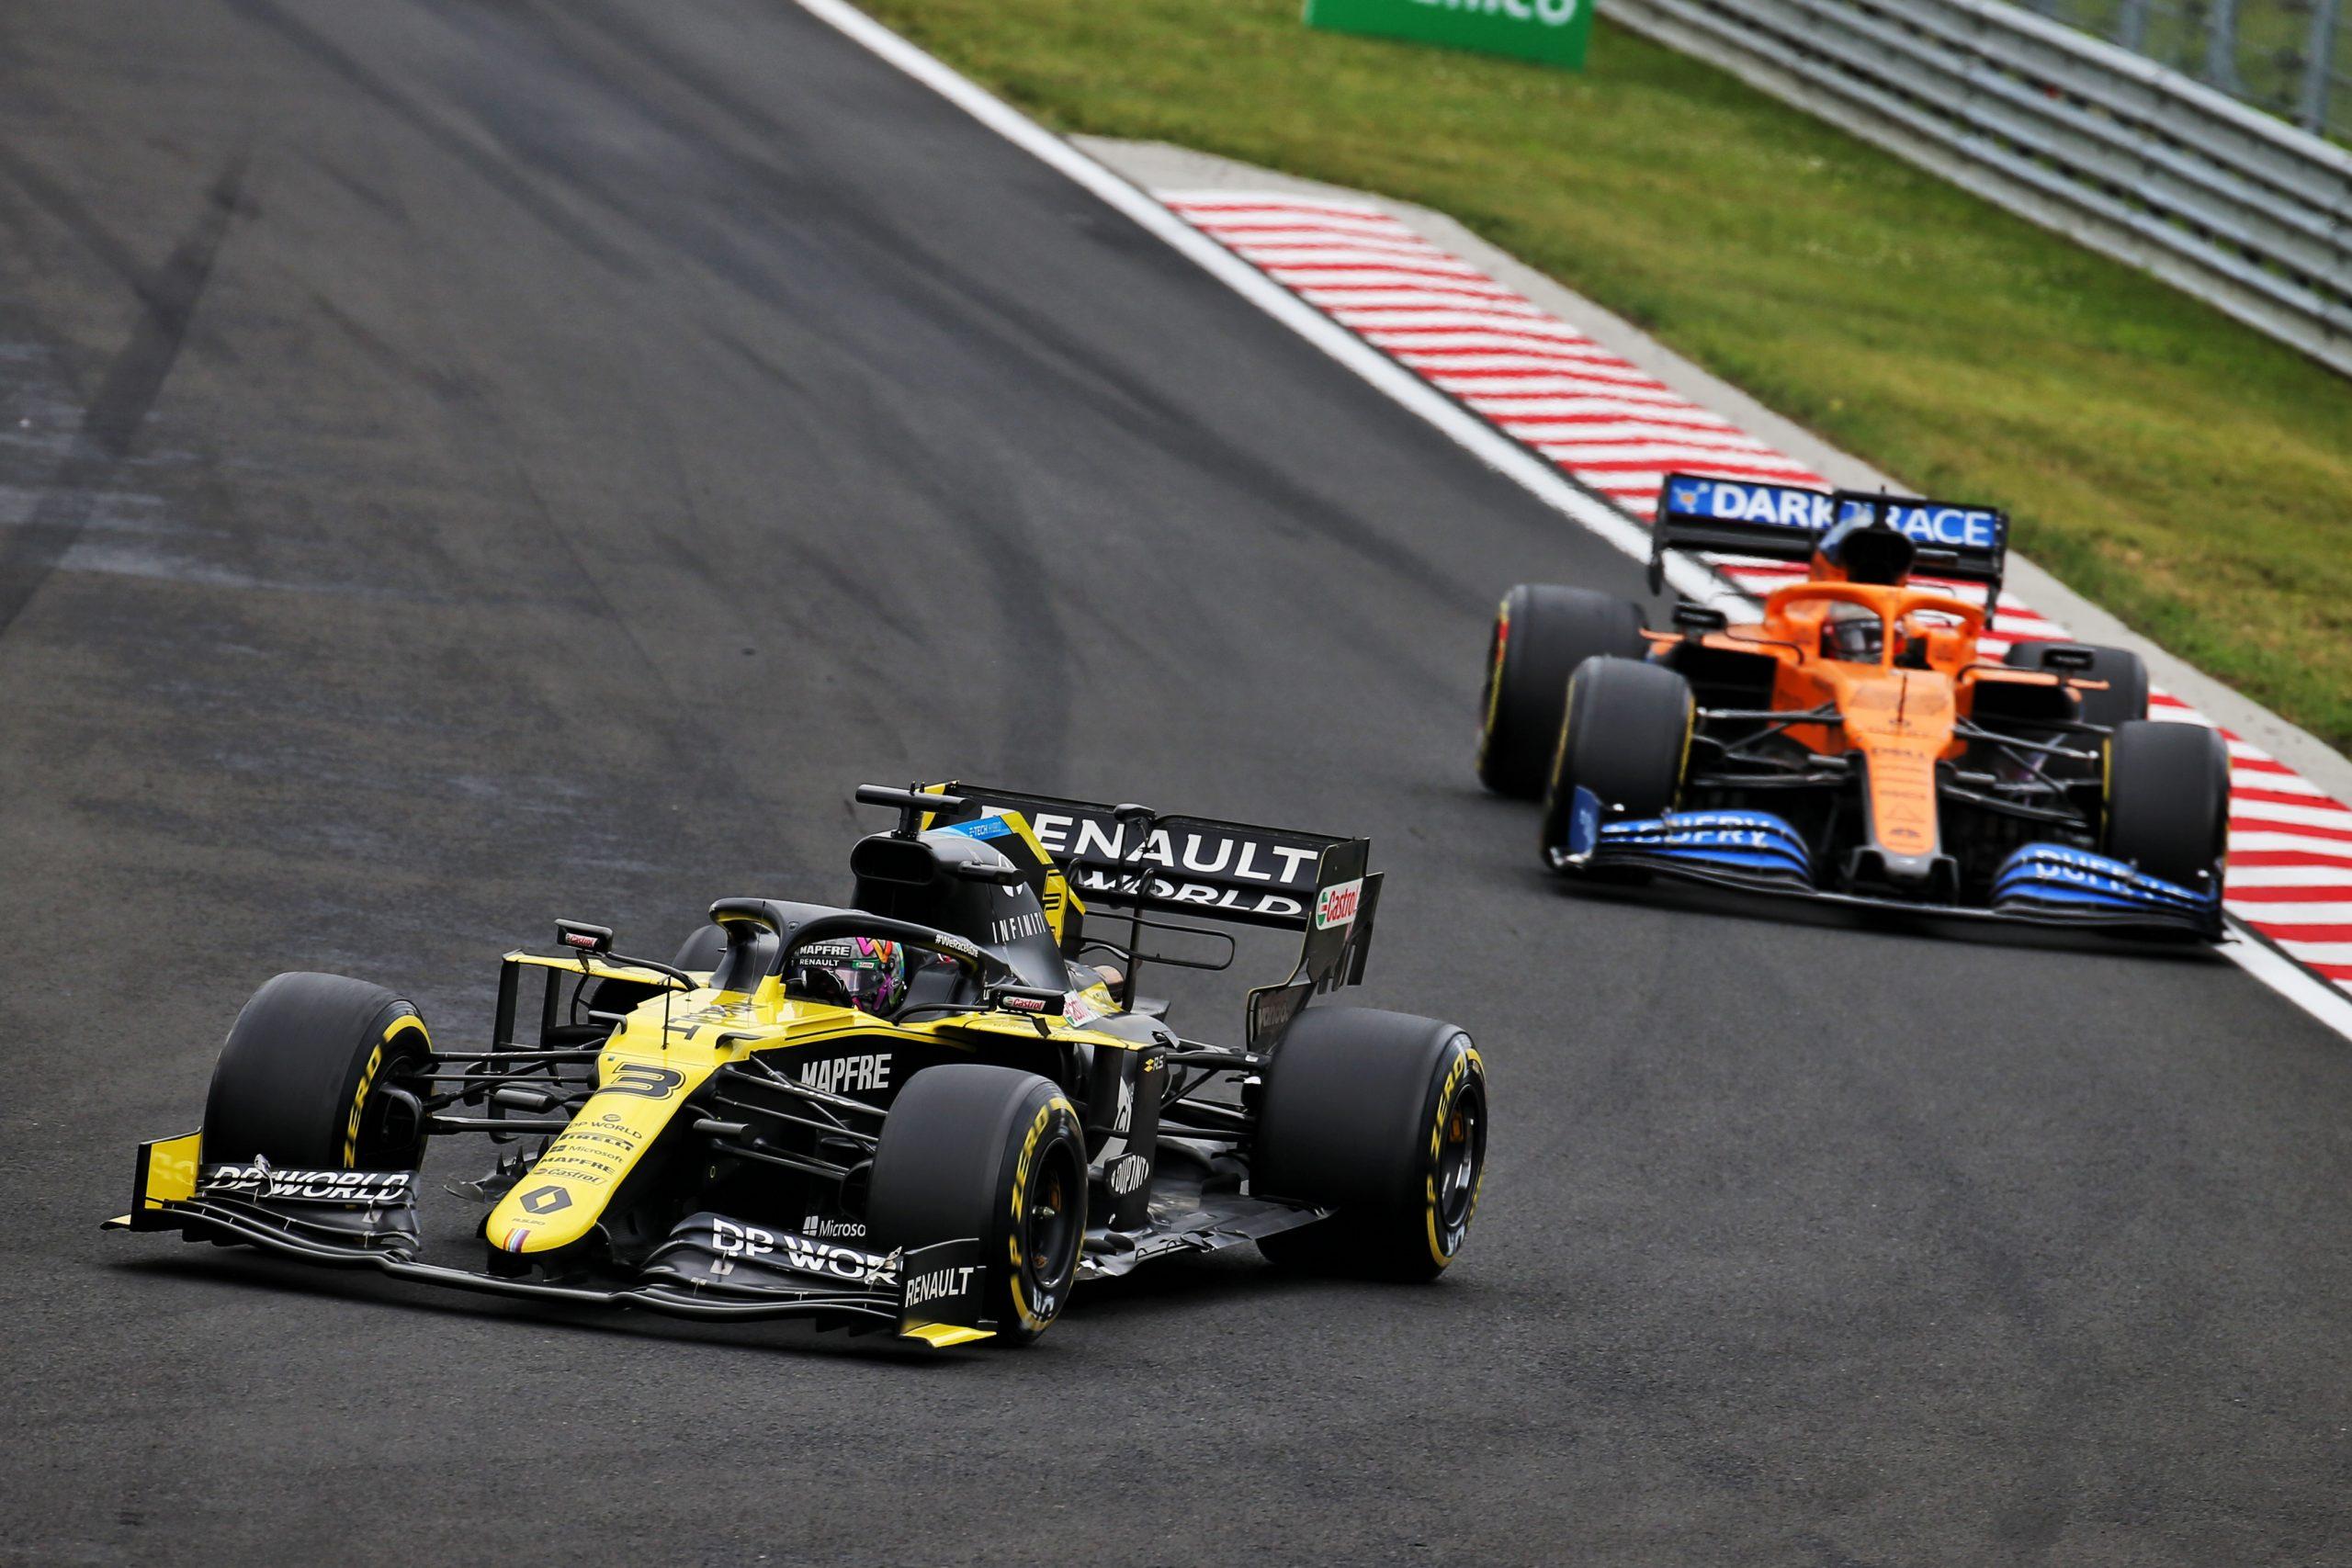 F1 - Après la Hongrie, Renault F1 sait ce que vaut sa RS20 dans la hiérarchie